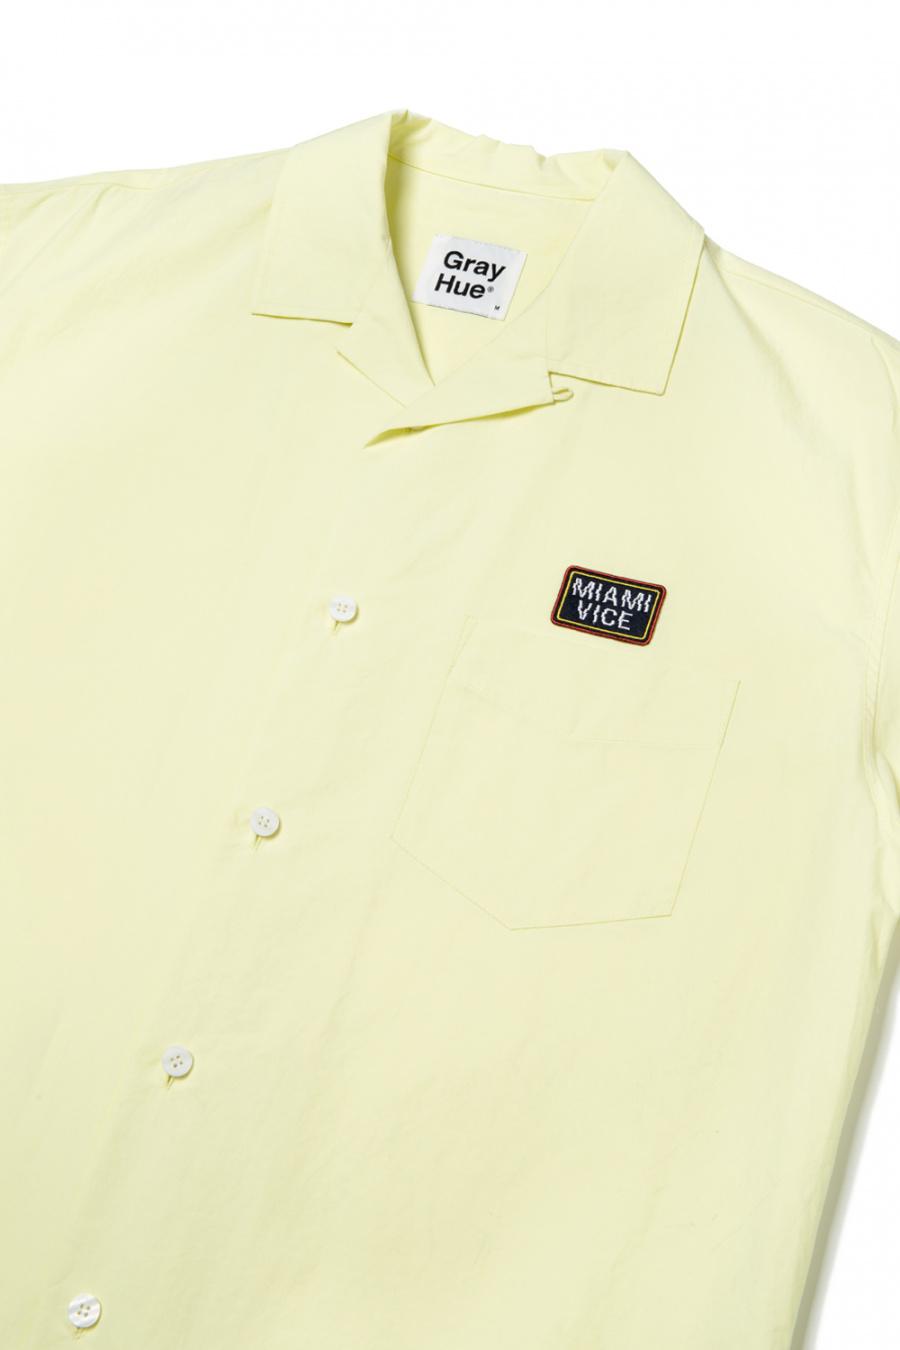 그레이휴(GRAY HUE) Miami Vice Open Collar SSLV Shirt light yellow G9M4S430 31